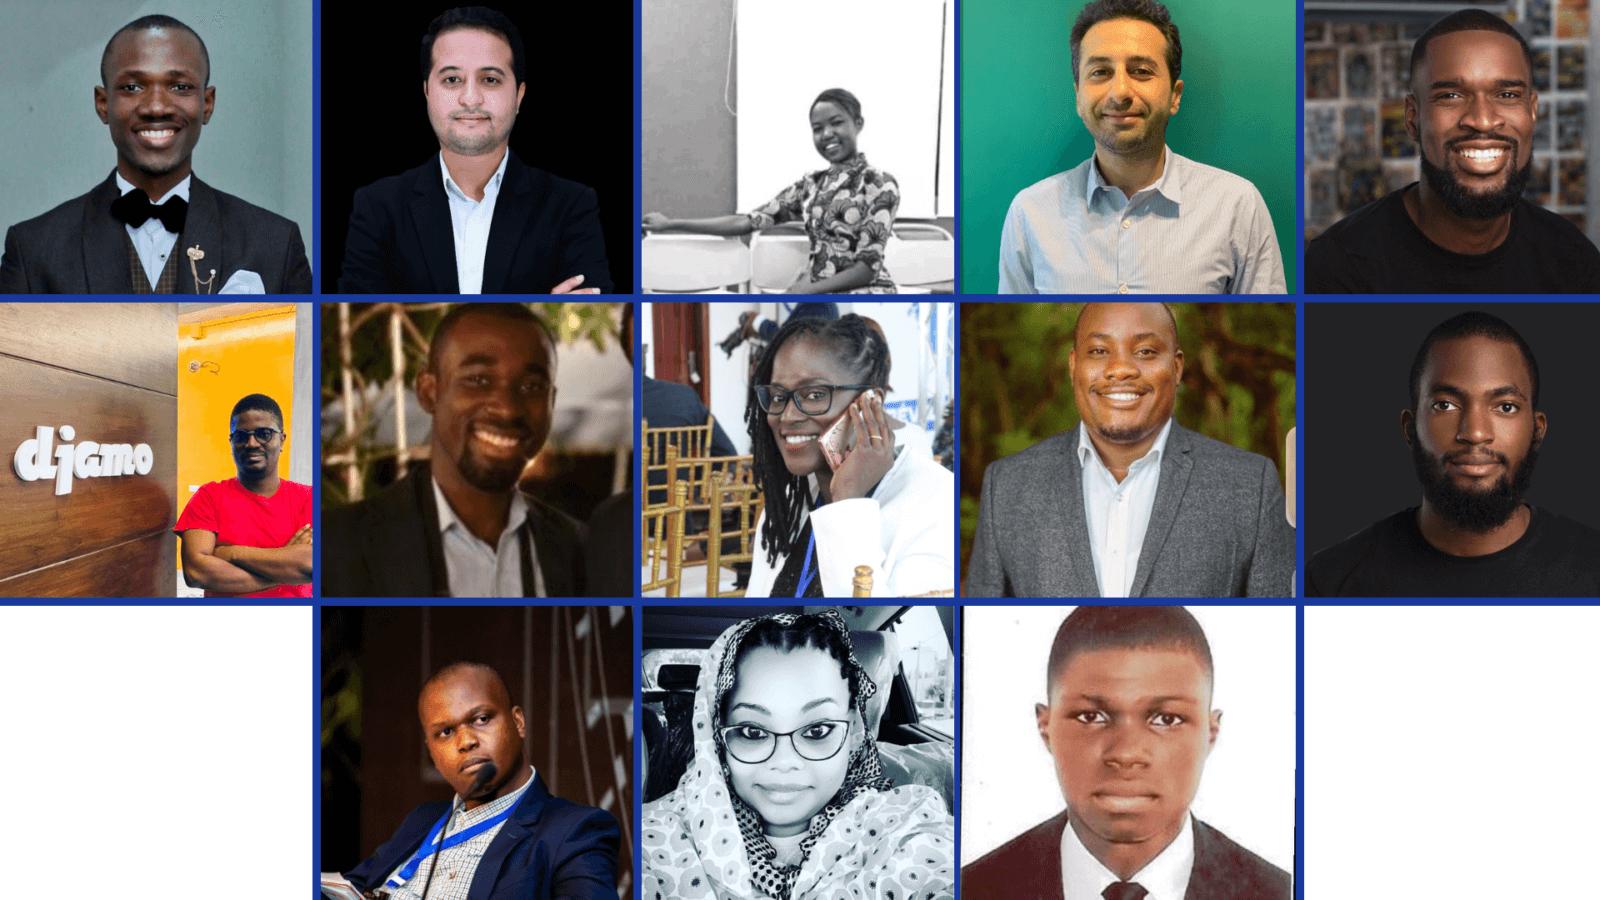 Les 15 entrepreneurs africains les plus inspirants de 2020